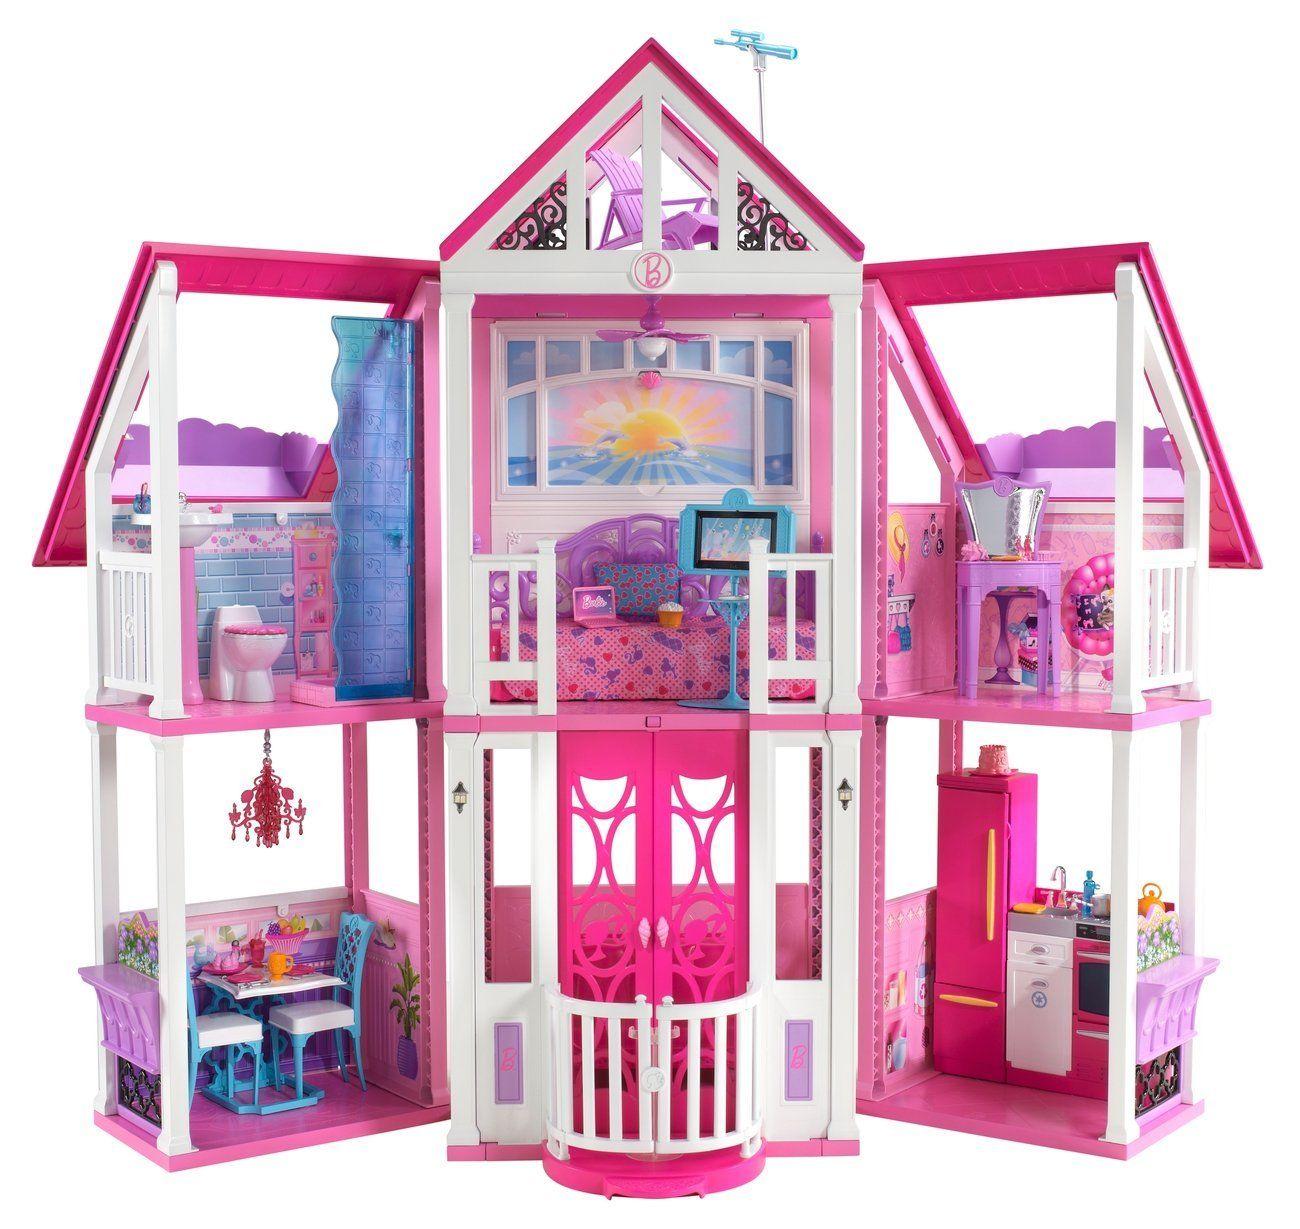 Jouets amazon promo jouet pas cher mattel w3141 maison de poup es barbie ma maison de r ve prix - Barbie maison de reve ...